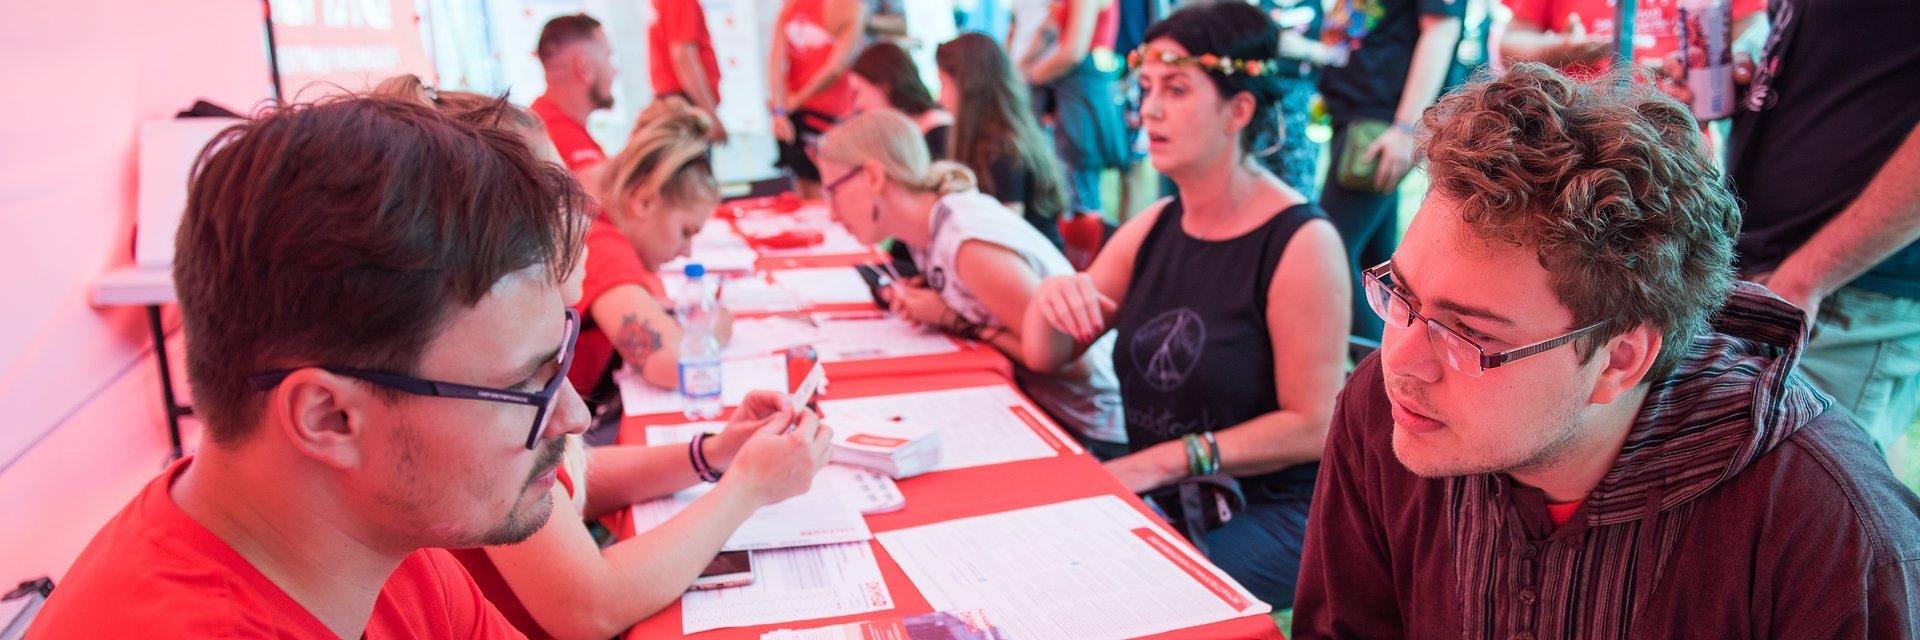 Uczestnicy Pol'and'Rock Festival i Finałów WOŚP ratują życie!